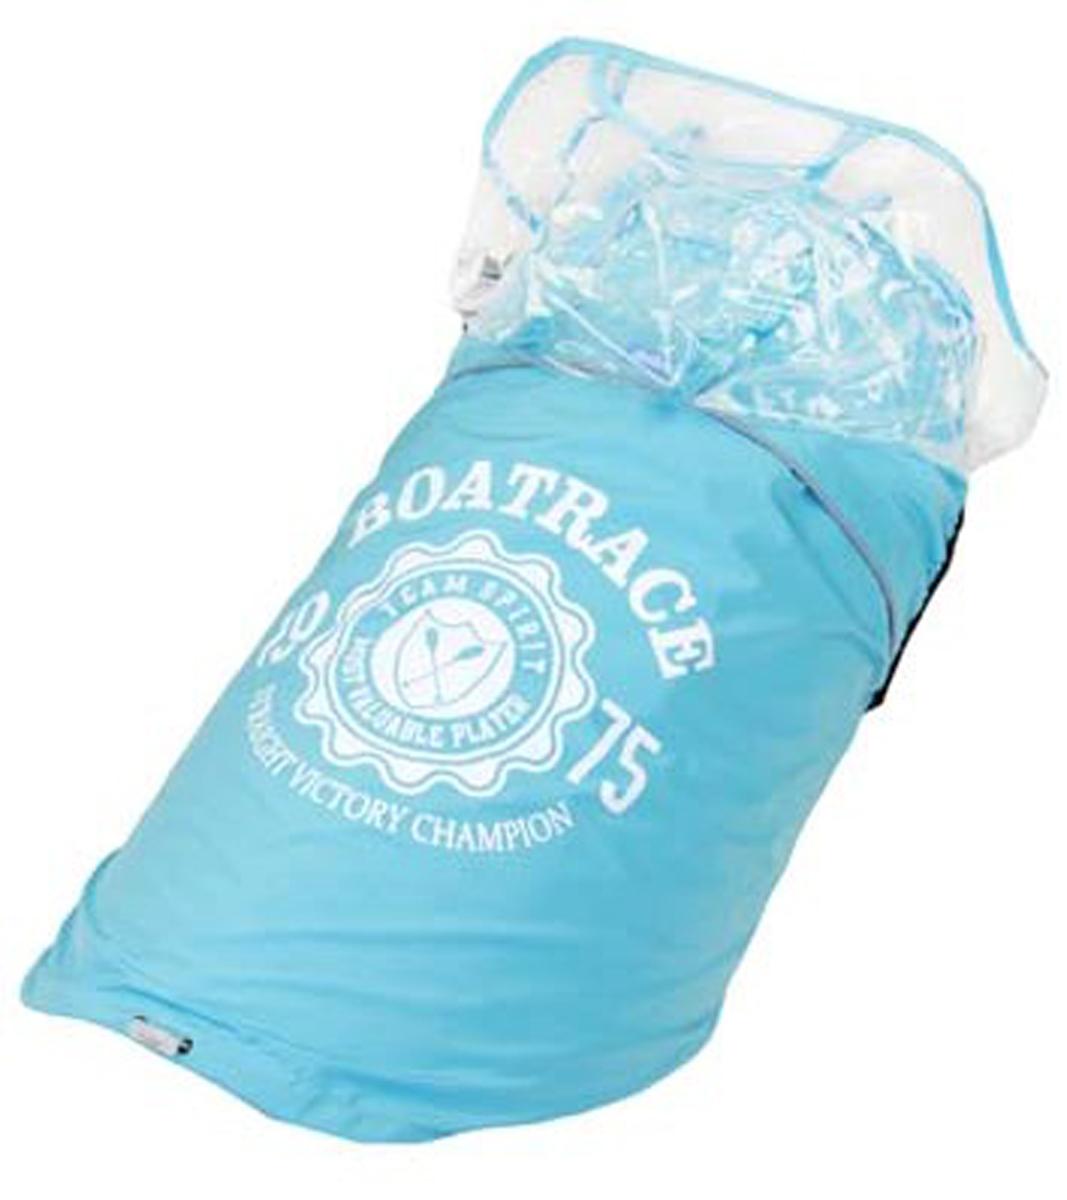 Куртка для собак  Dobaz , водонепроницаемая, цвет: прозрачно-синий. ДА13033Д6ХЛ. Размер 6XL - Одежда, обувь, украшения